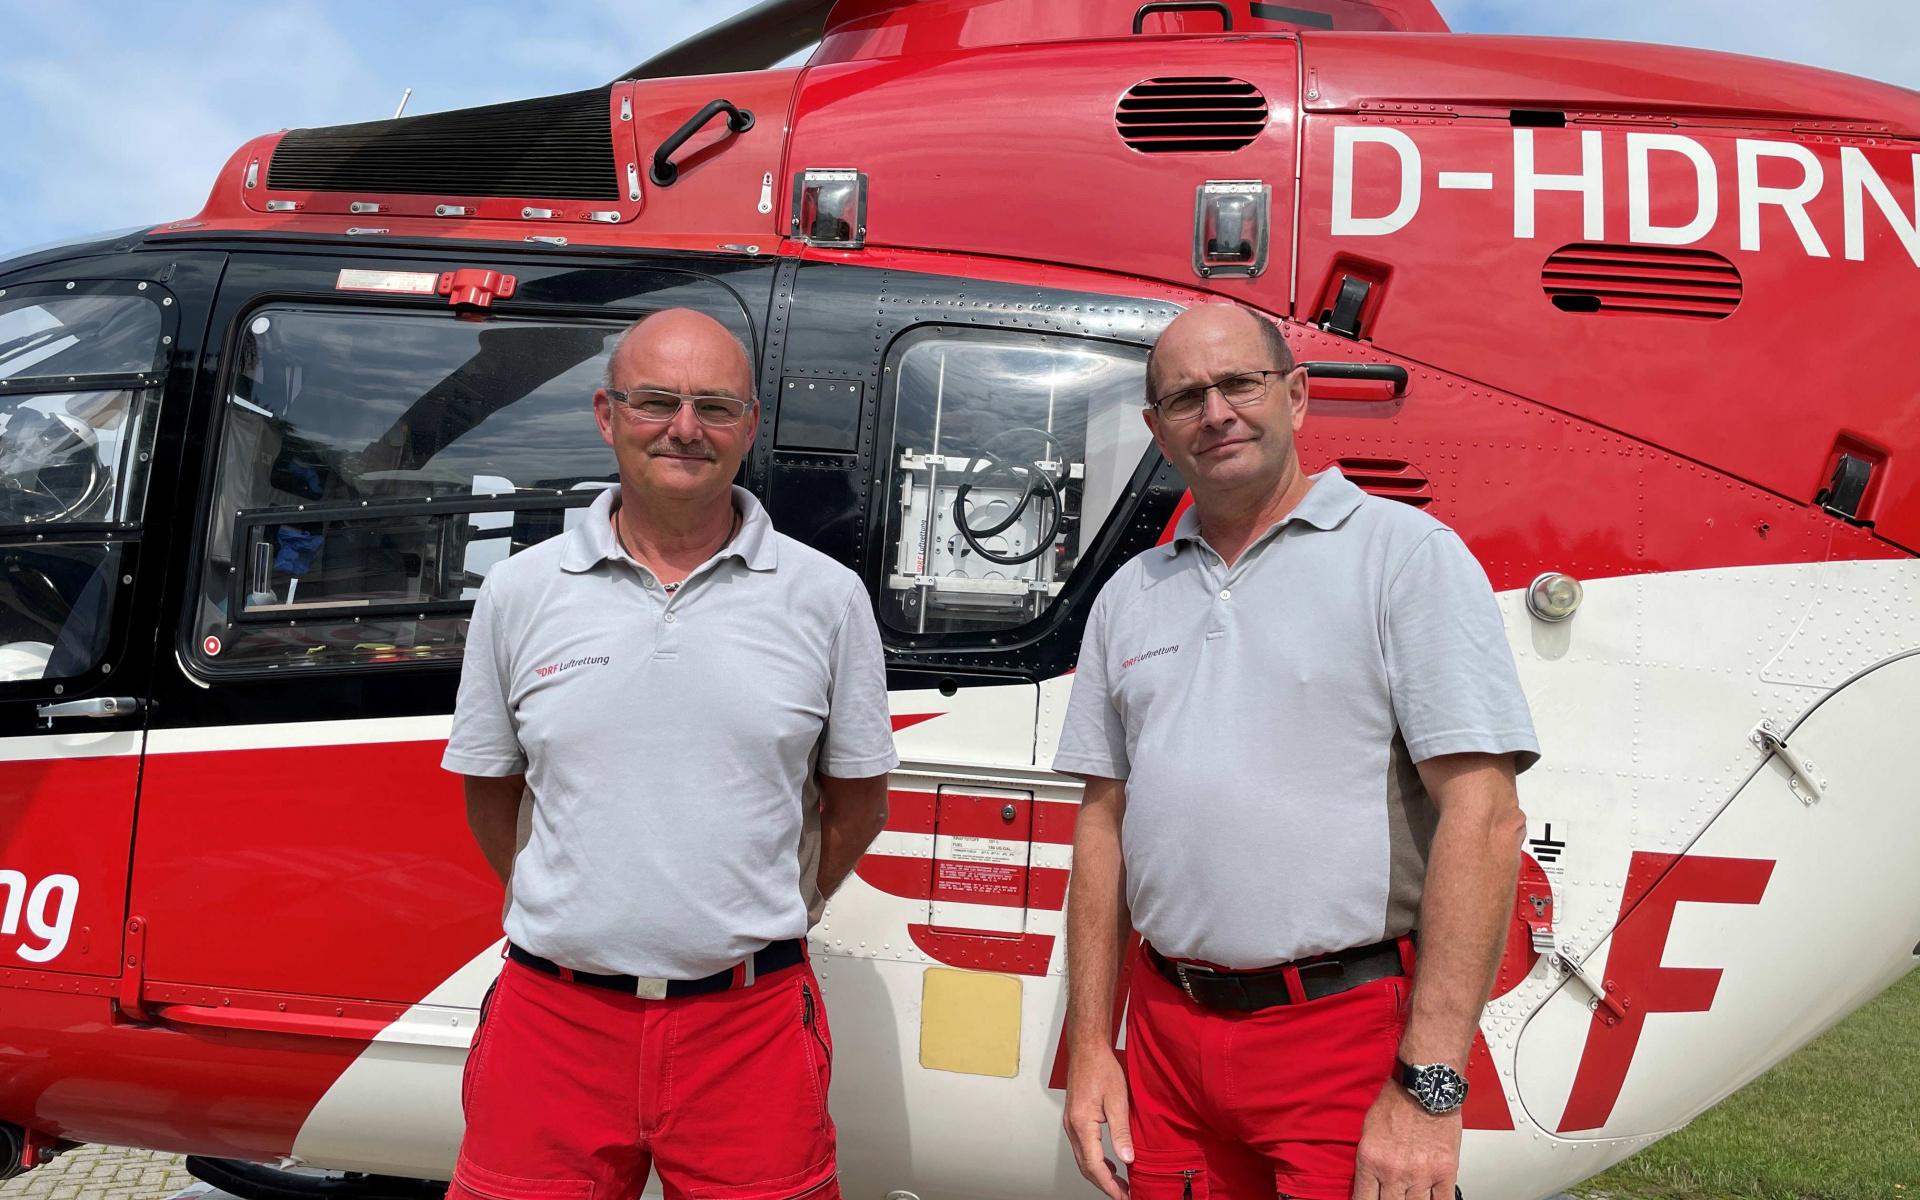 """Jörg Stöber und Arno Wickmann sind seit 30 Jahren als Notfallsanitäter an Bord von """"Christoph 44"""" in Göttingen tätig. (Quelle: DRF Luftrettung)"""